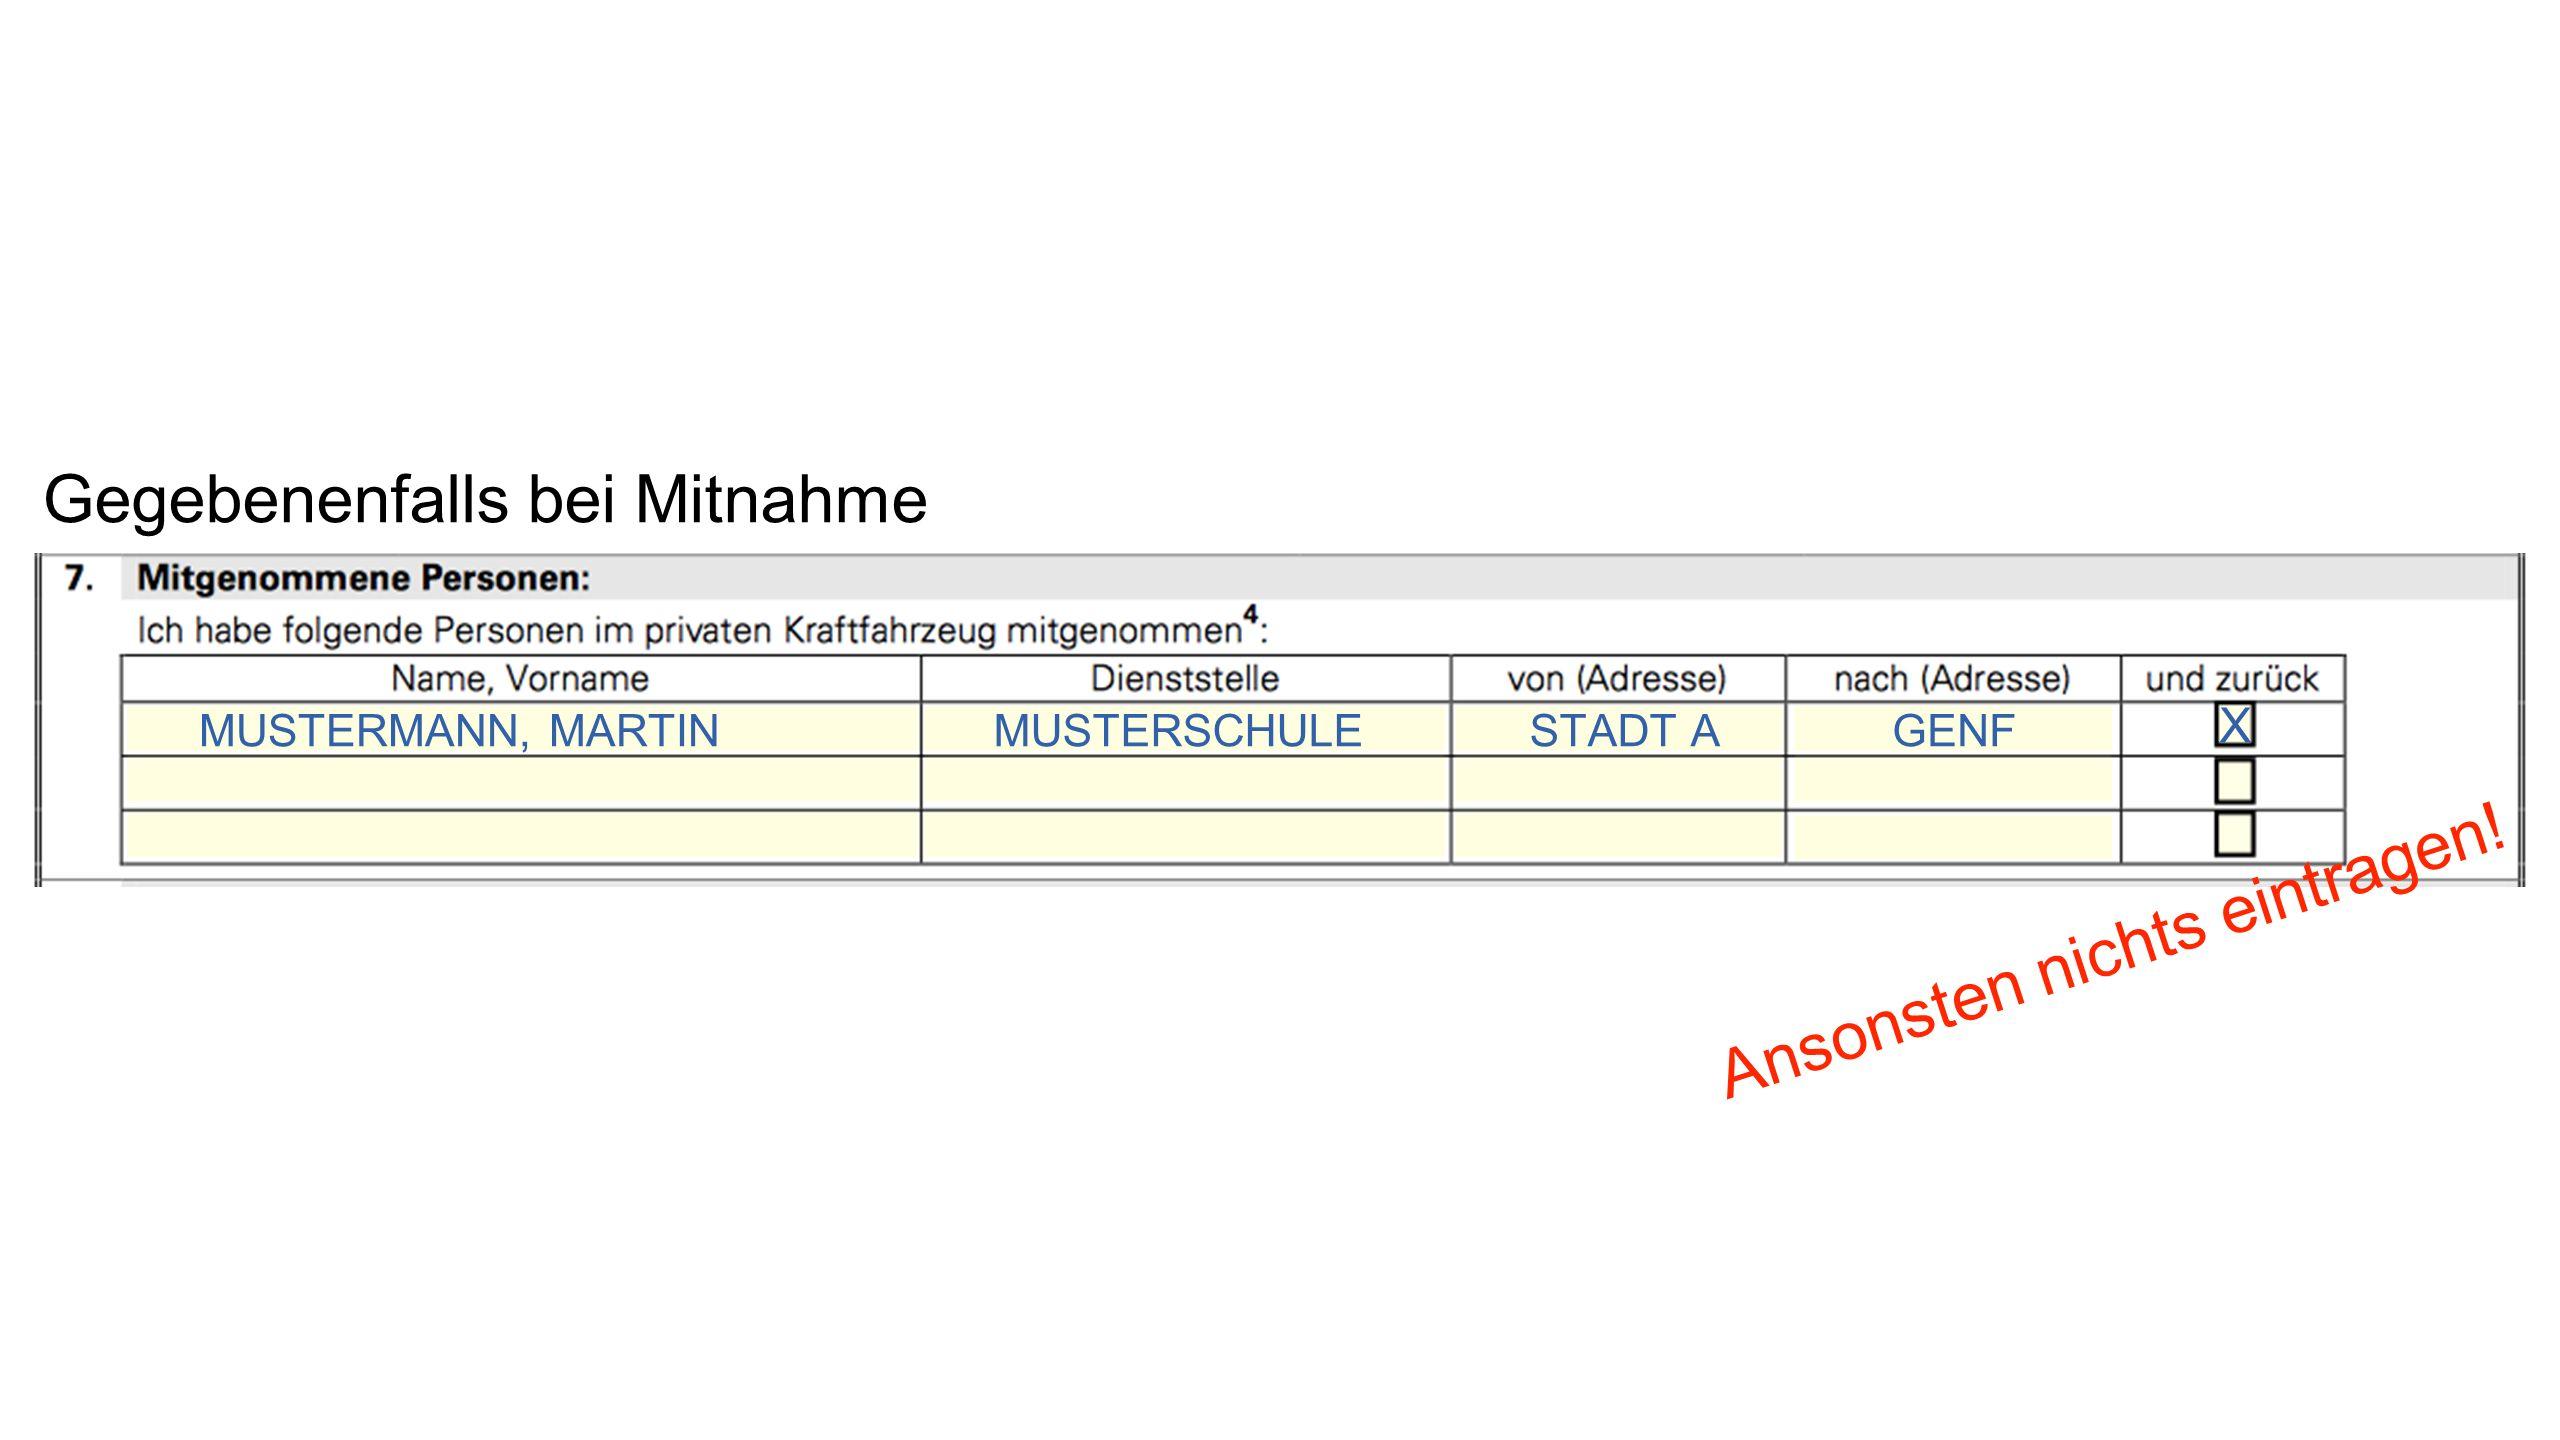 Gegebenenfalls bei Mitnahme MUSTERMANN, MARTINMUSTERSCHULESTADT AGENF X Ansonsten nichts eintragen!